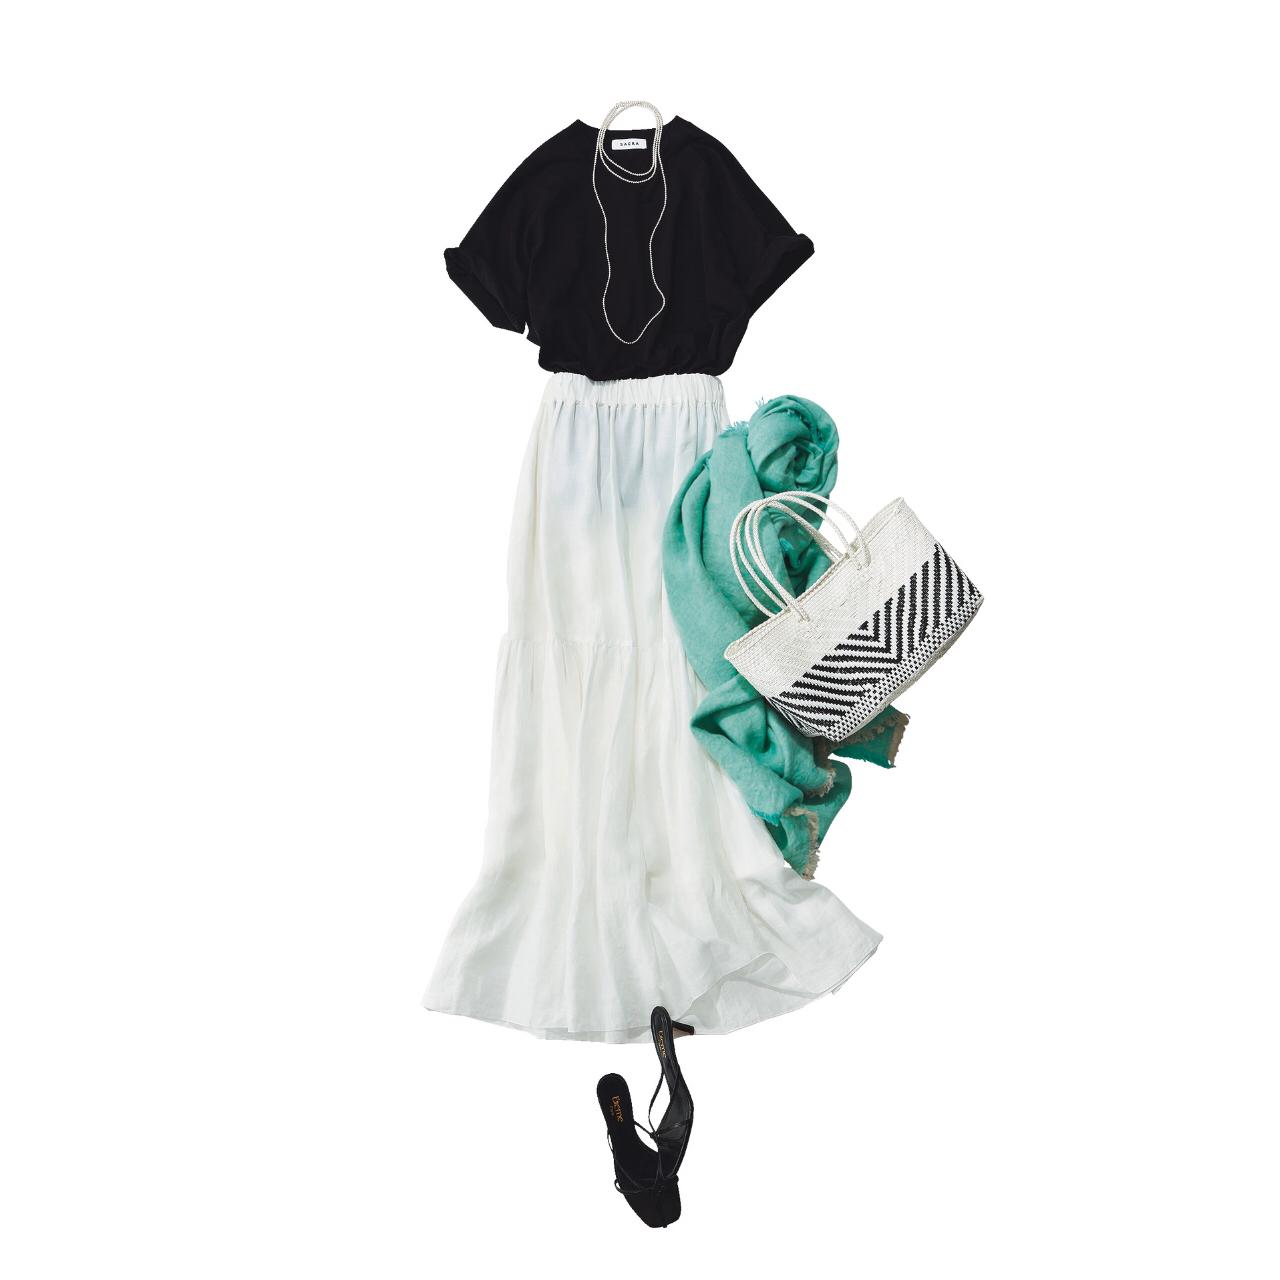 「ストール」でアラフォーの夏コーデをブラッシュアップ! 冷房対策にもおしゃれにも効くストールの取り入れ方  40代ファッション_1_8